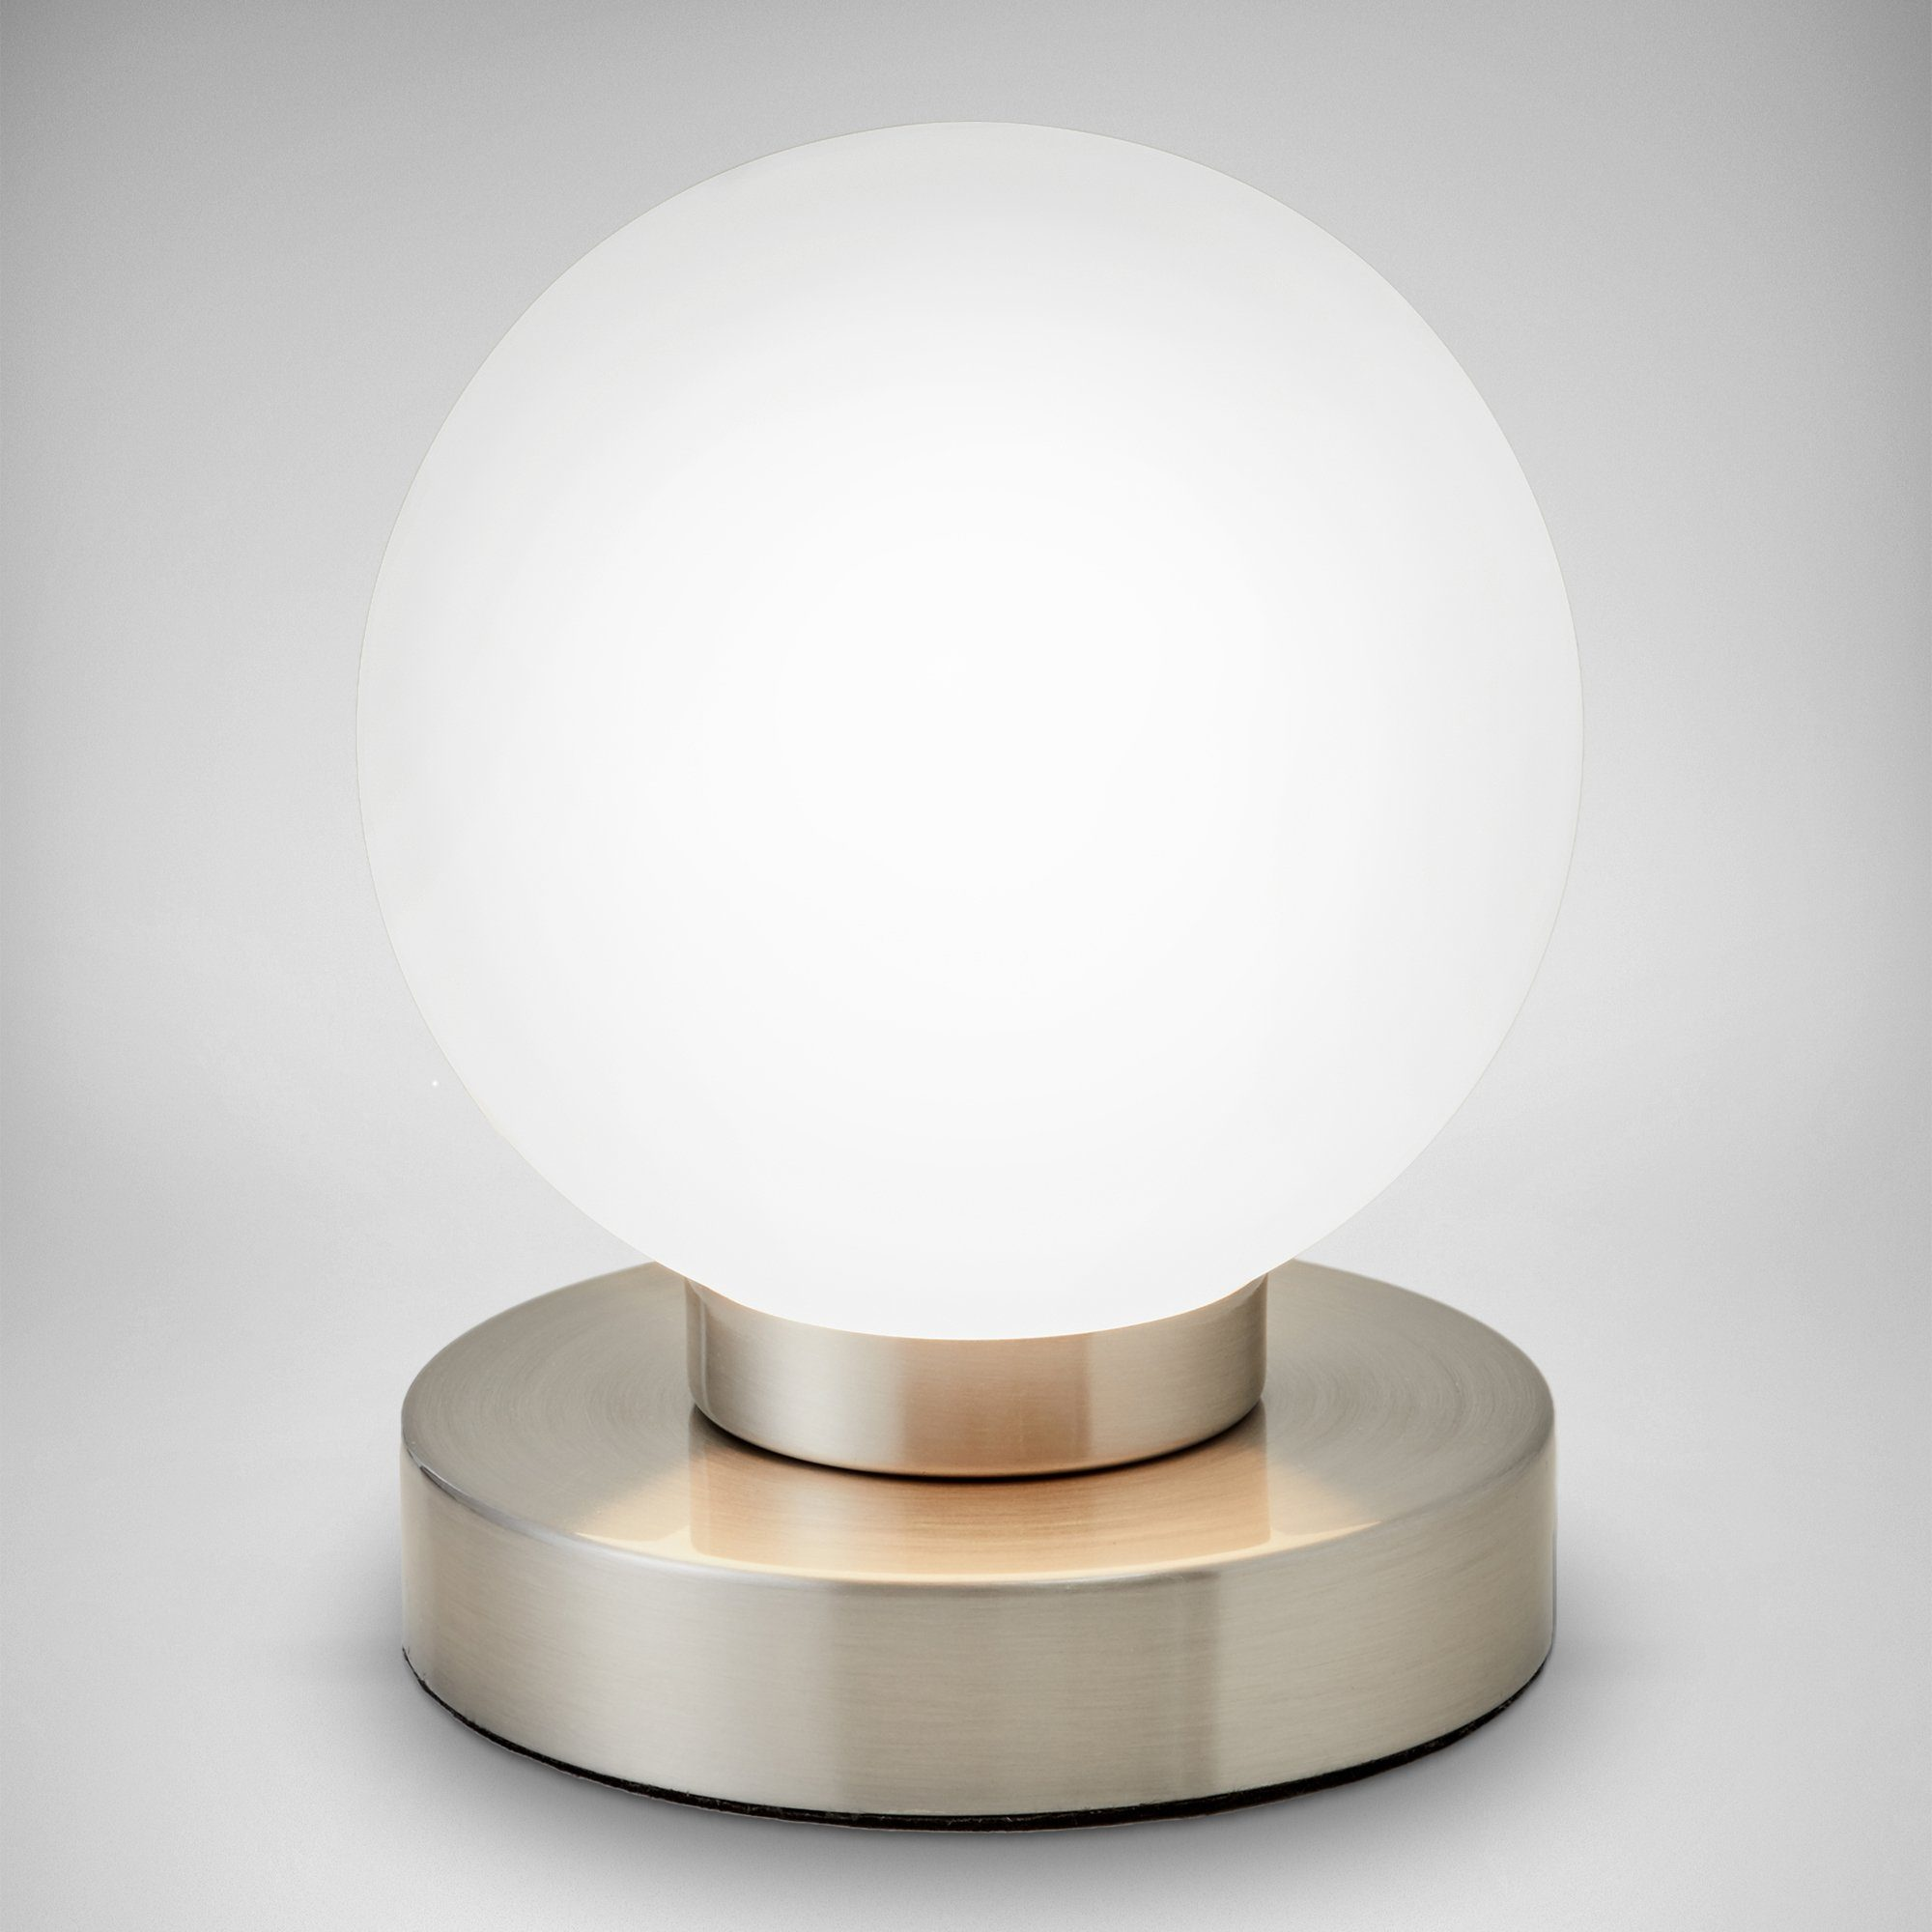 LED Tischleuchte Antik Touch Ein//Aus Tischlampe Nachttisch Glas Alabaster